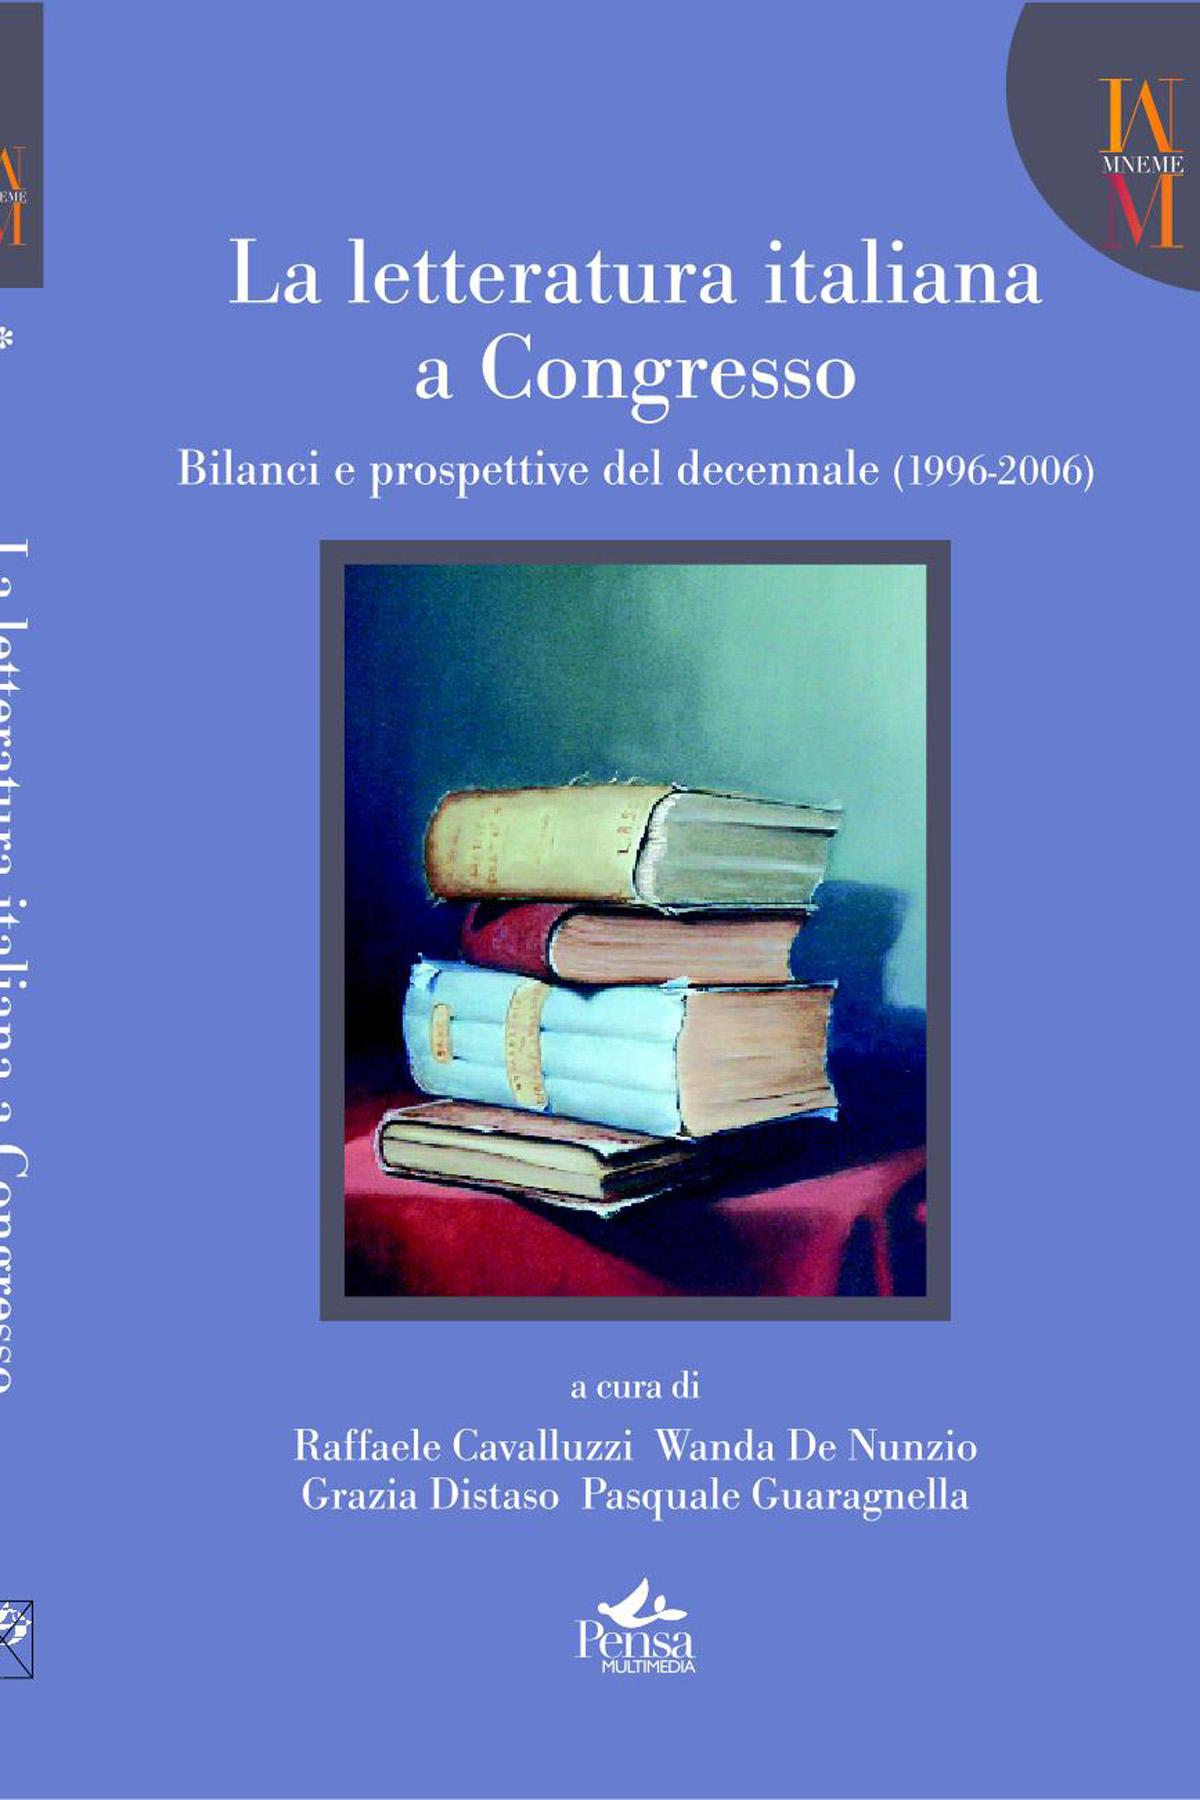 La letteratura italiana a congresso